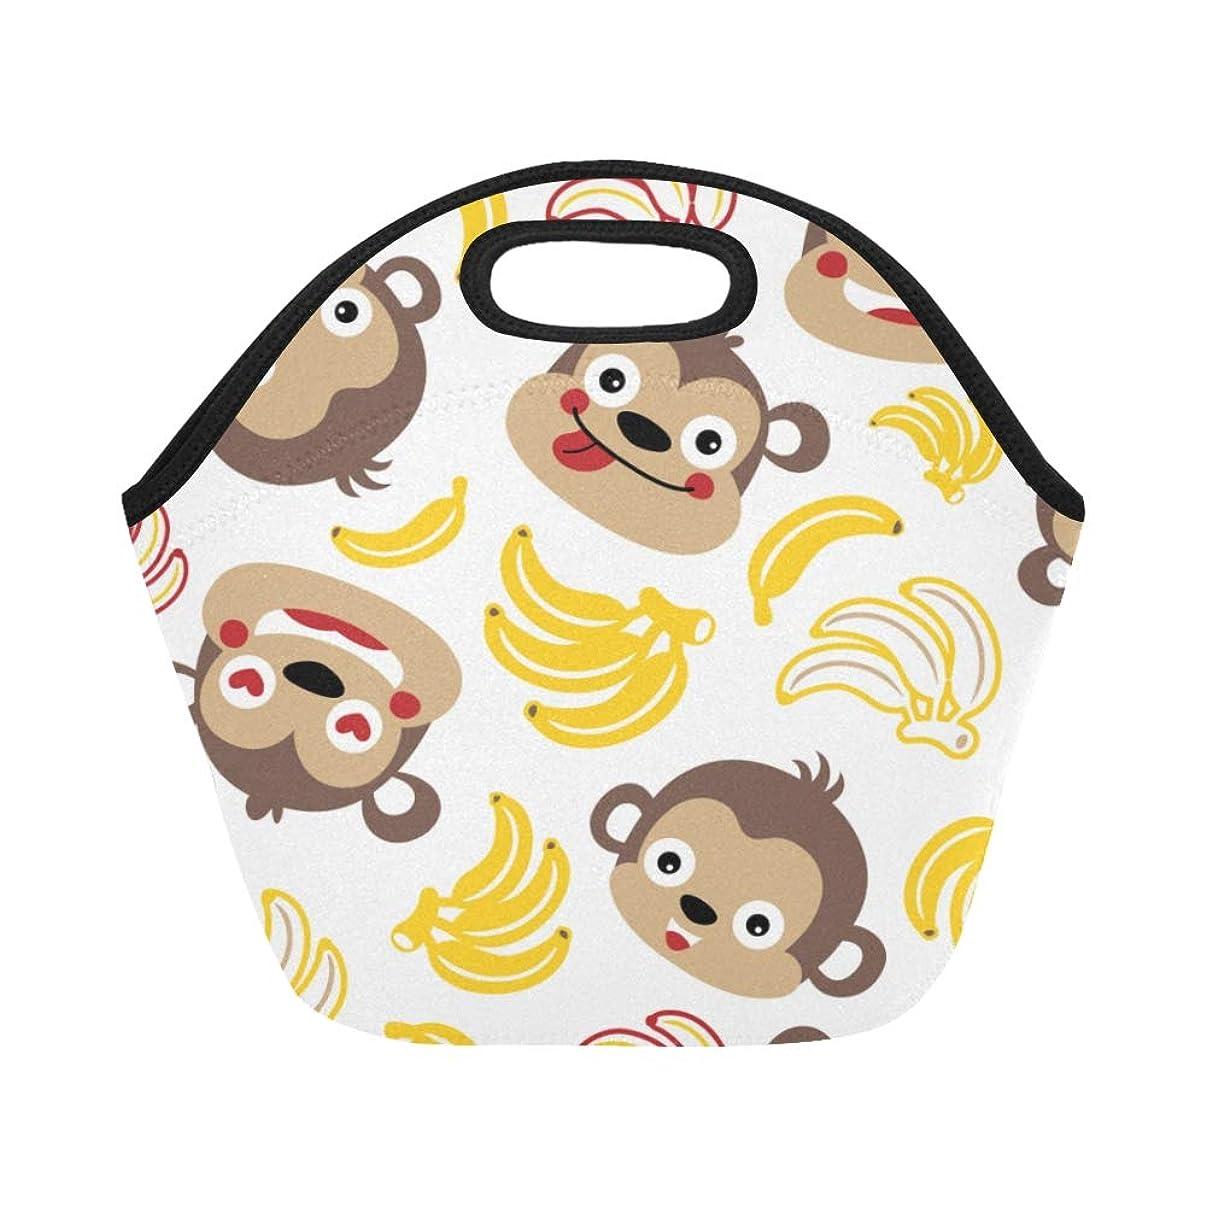 アルファベットゆるく配分XHQZJ ランチバッグ すばやい 猿 弁当袋 お弁当入れ 保温保冷 トート 弁当バッグ 大容量 トートバッグ